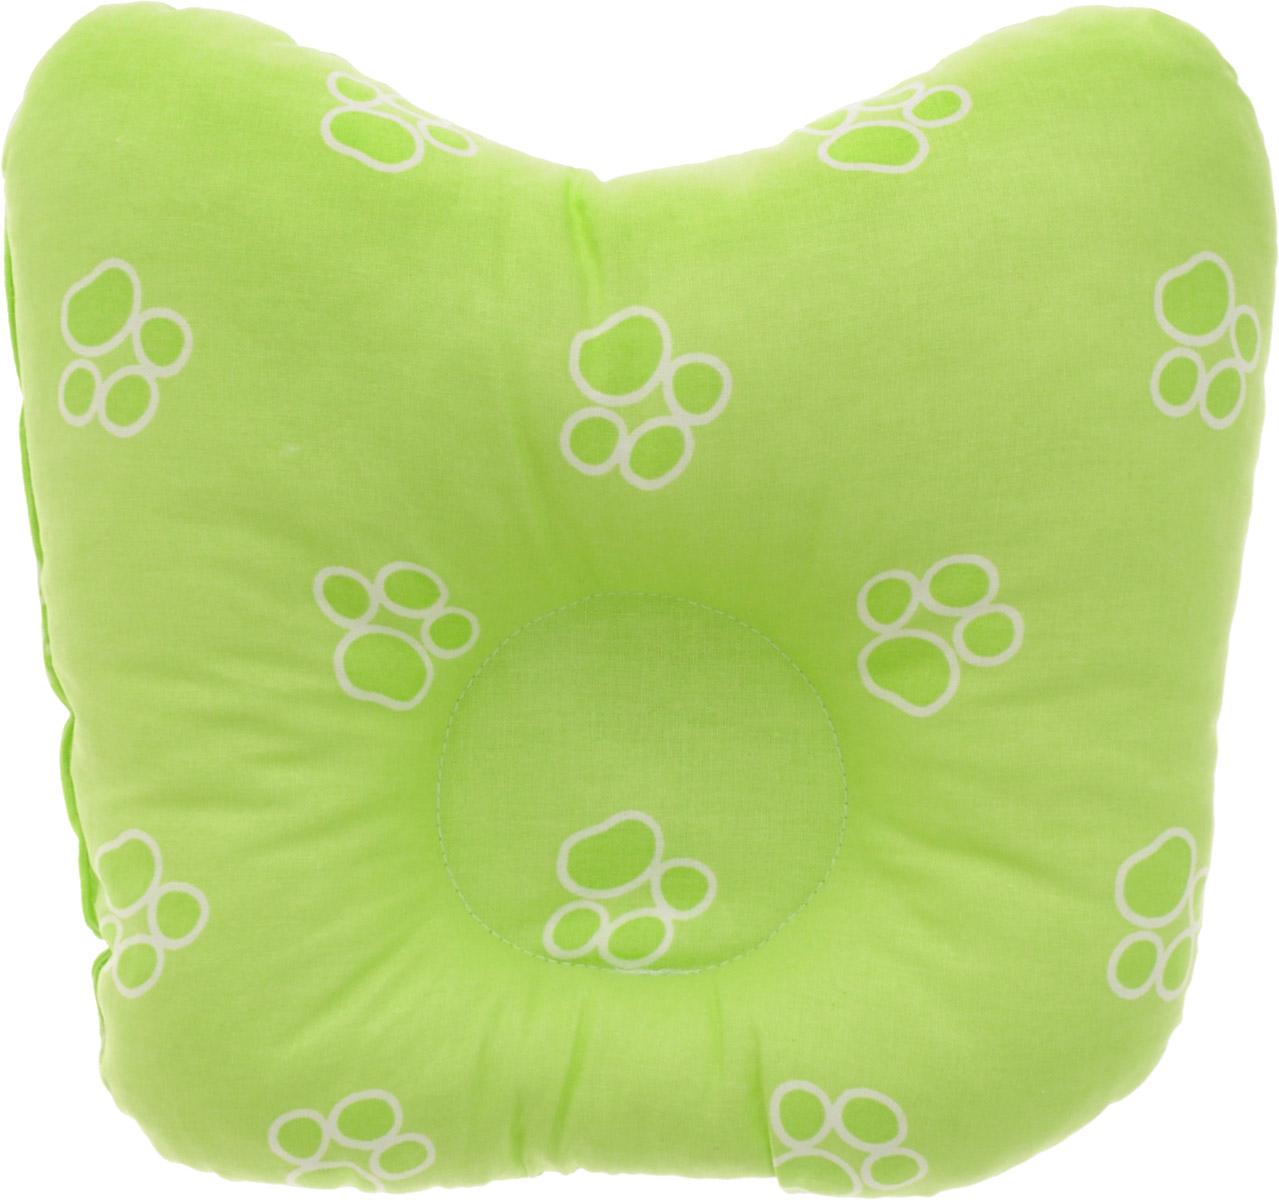 Сонный гномик Подушка анатомическая для младенцев Лапки цвет салатовый 27 х 27 см